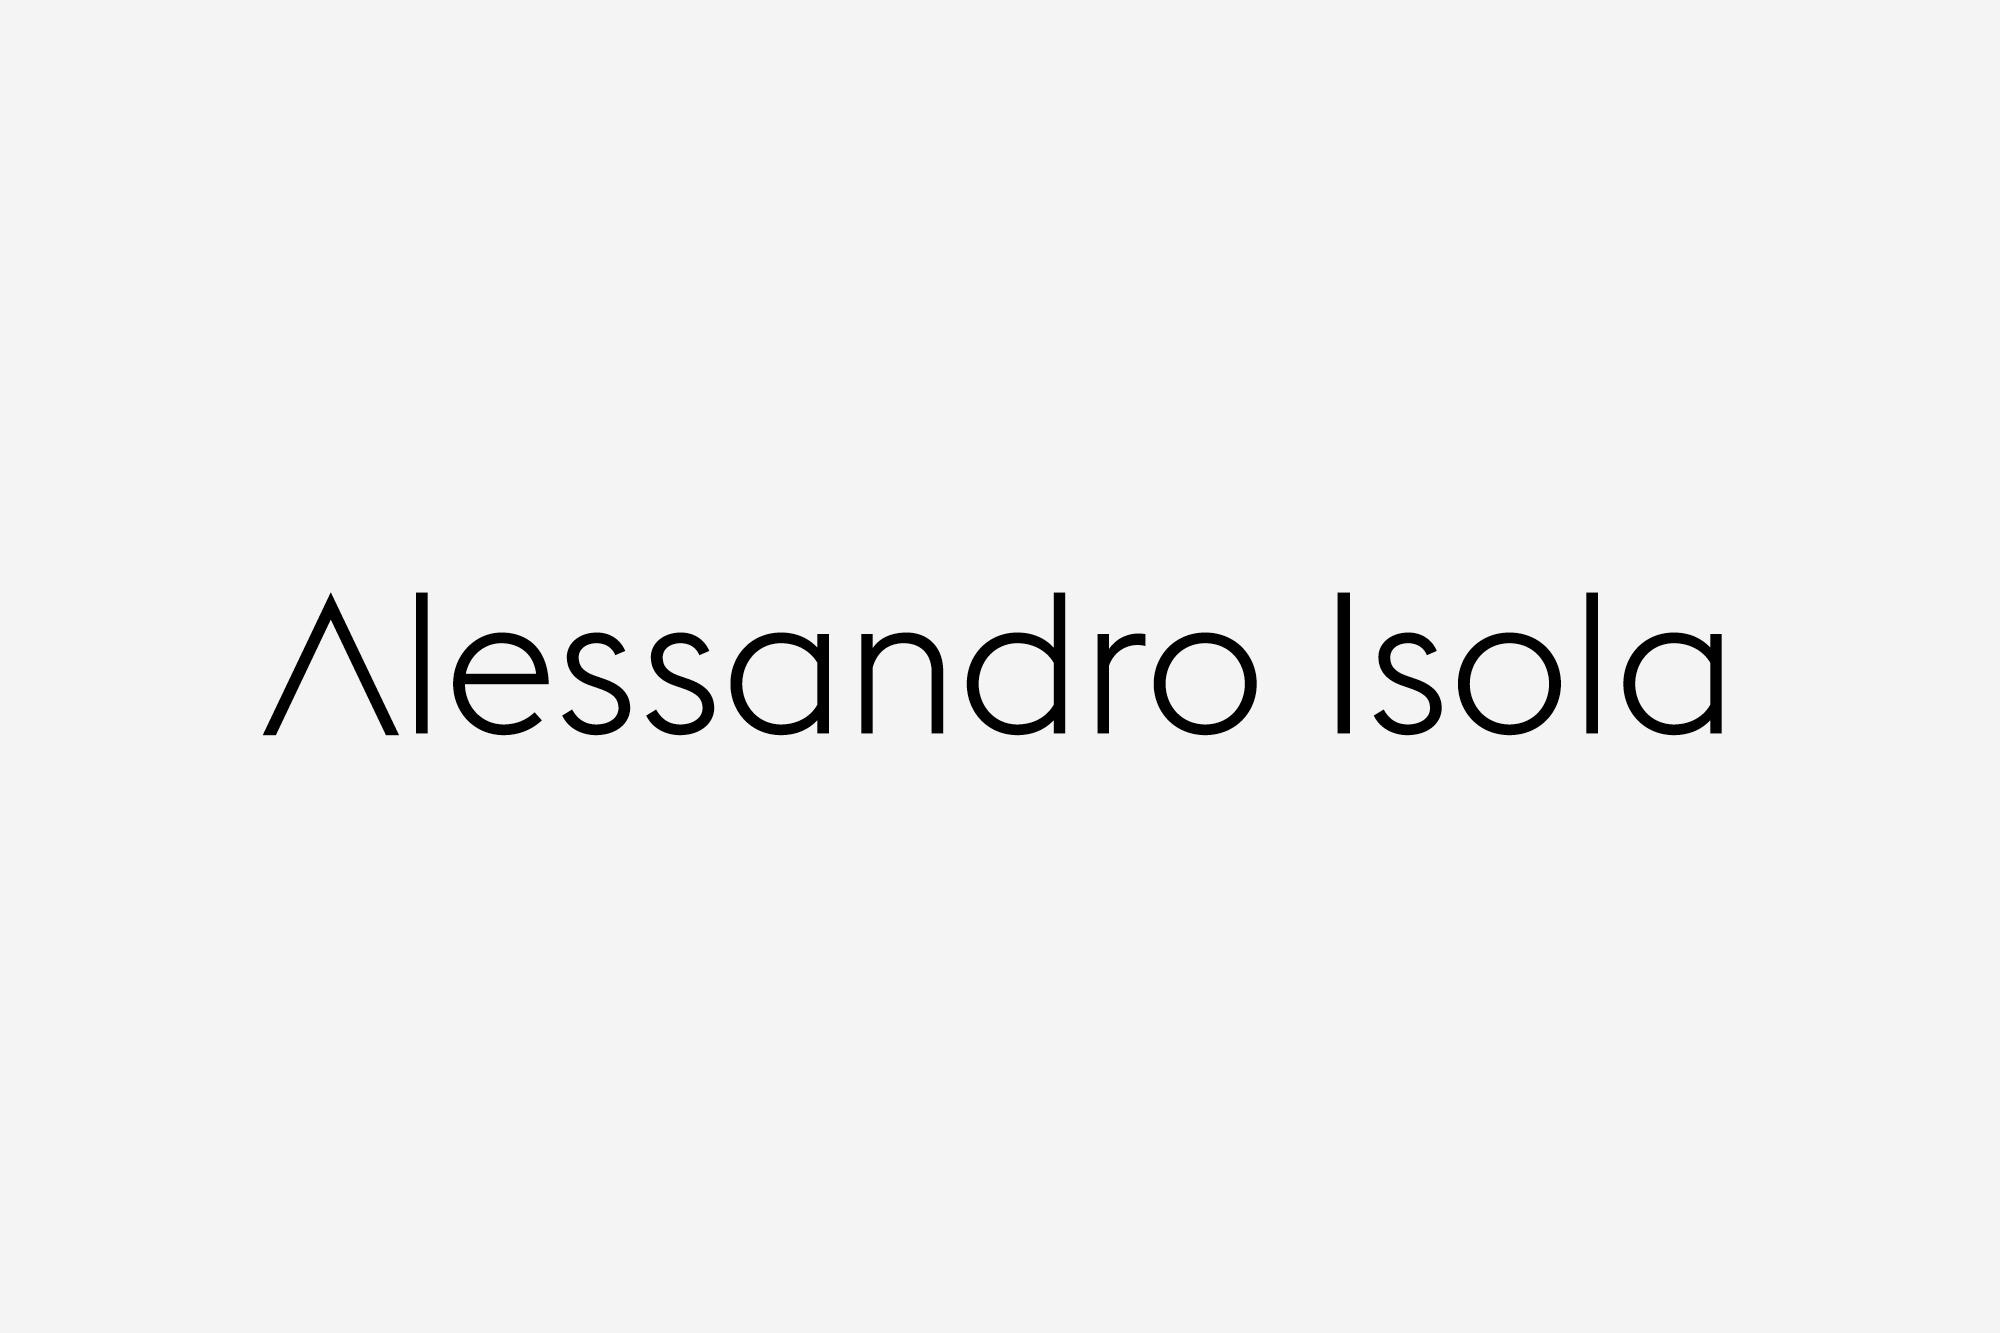 Alessandro Isola